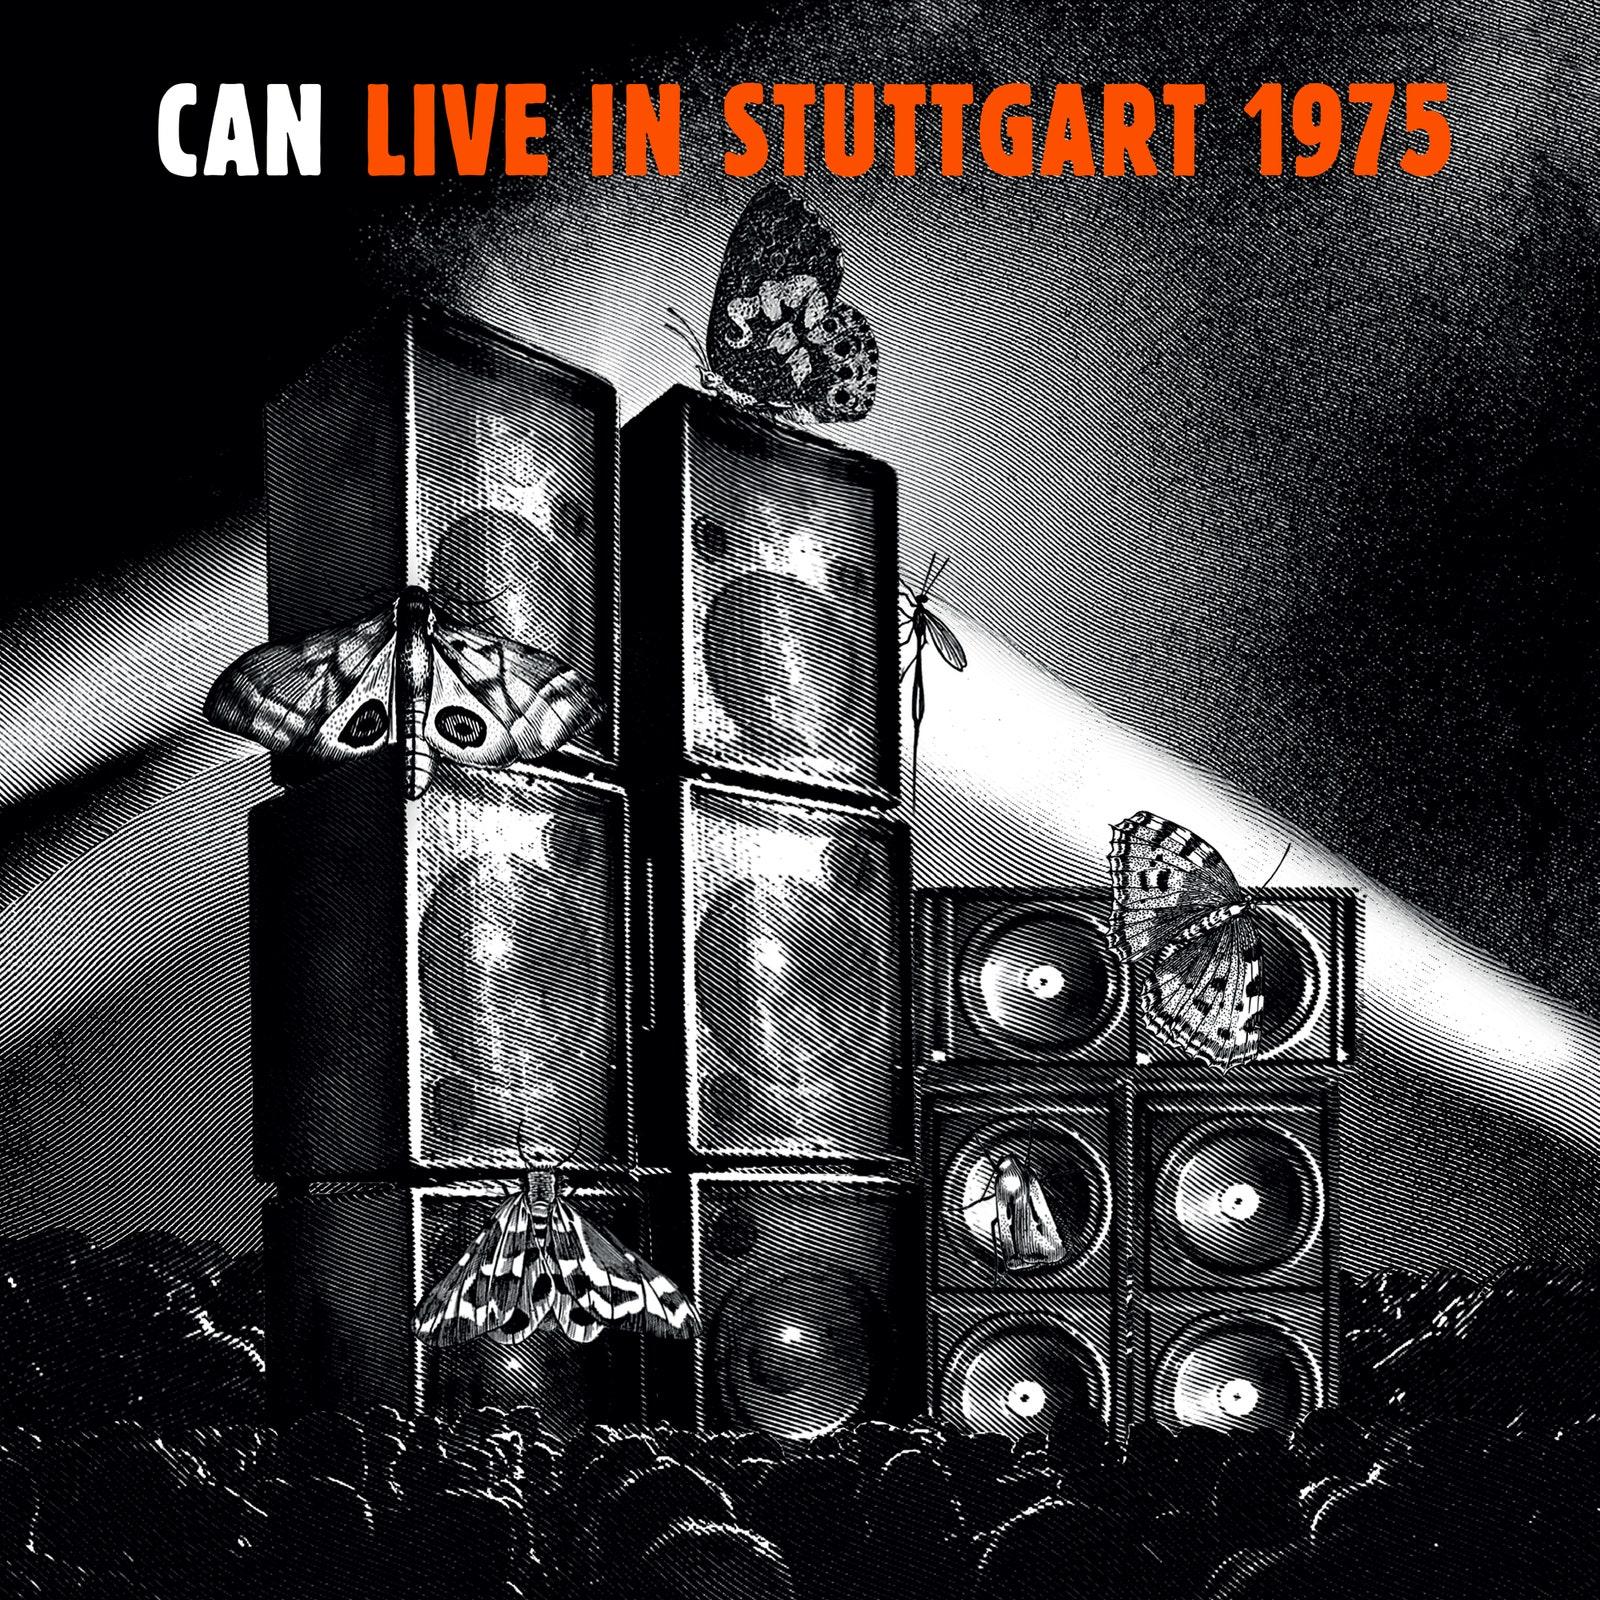 Can Stuttgart 75